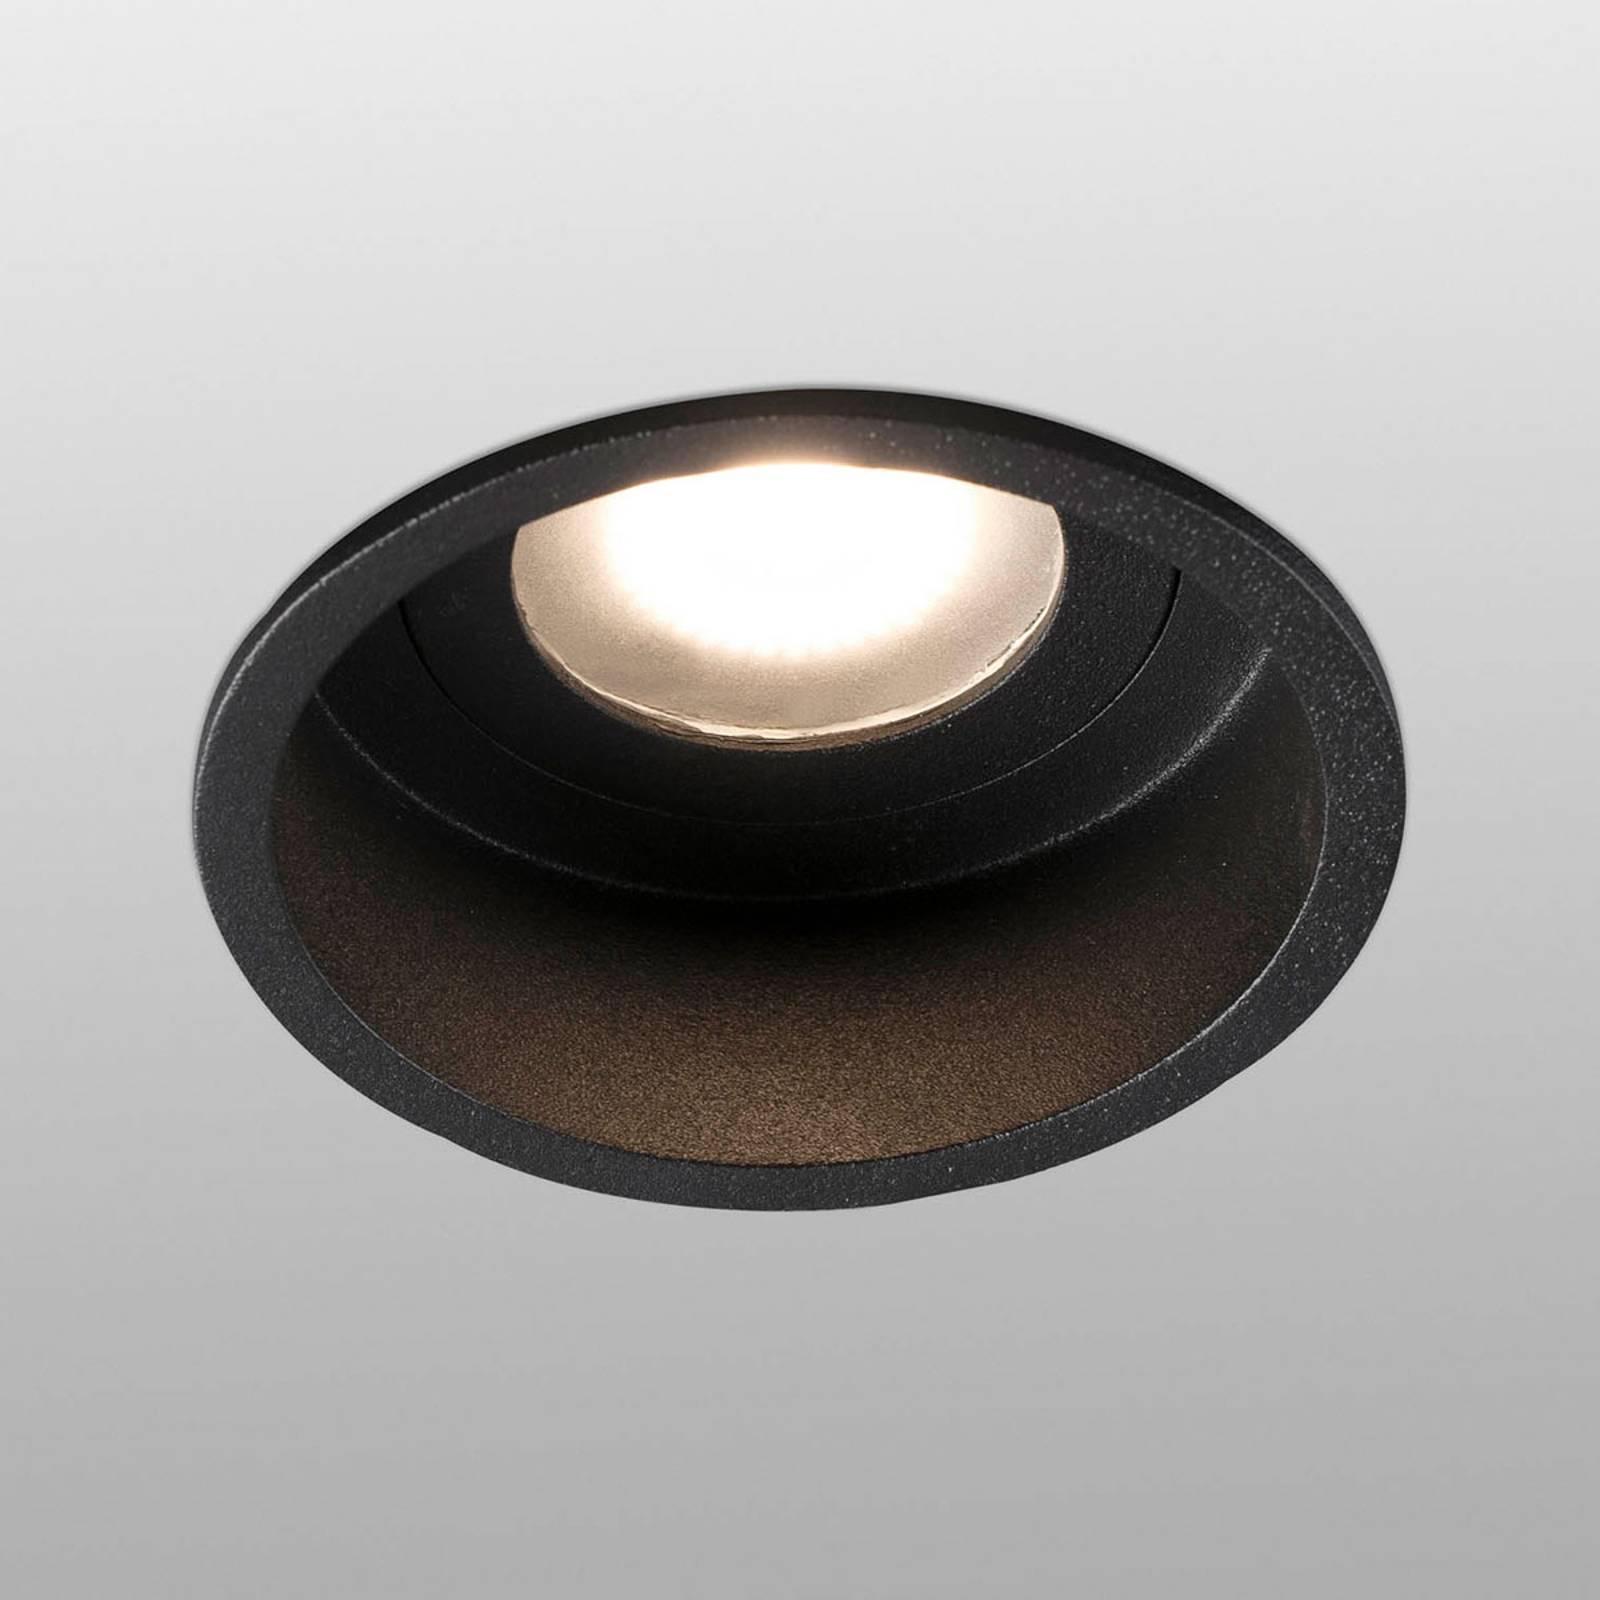 Uppokohdevalo Hyde 1-lamp. pyöreä IP44 musta